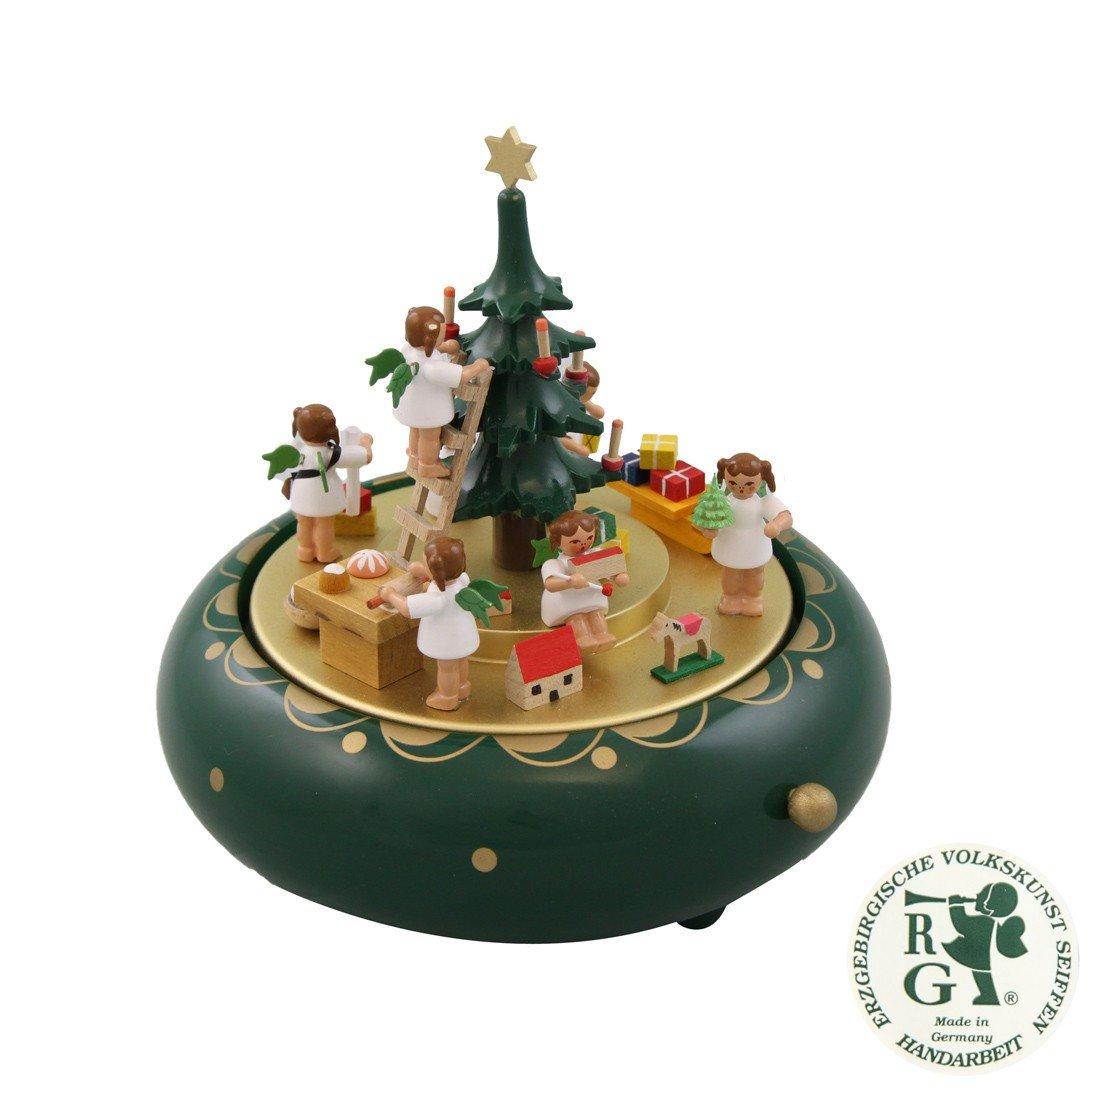 Glässer 08315 Spieldose Engelheimlichkeit - Melodie: Oh Tannenbaum - Weihnachtskrippe in Handarbeit - Höhe: 18 cm